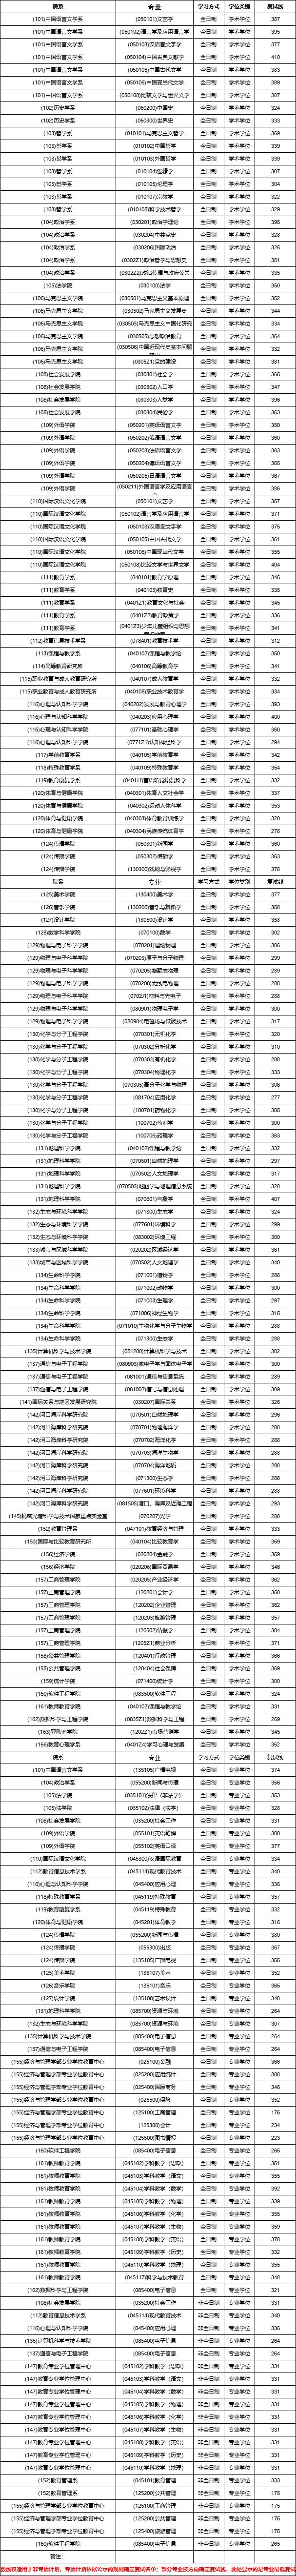 华东师范大学2020考研复试分数线